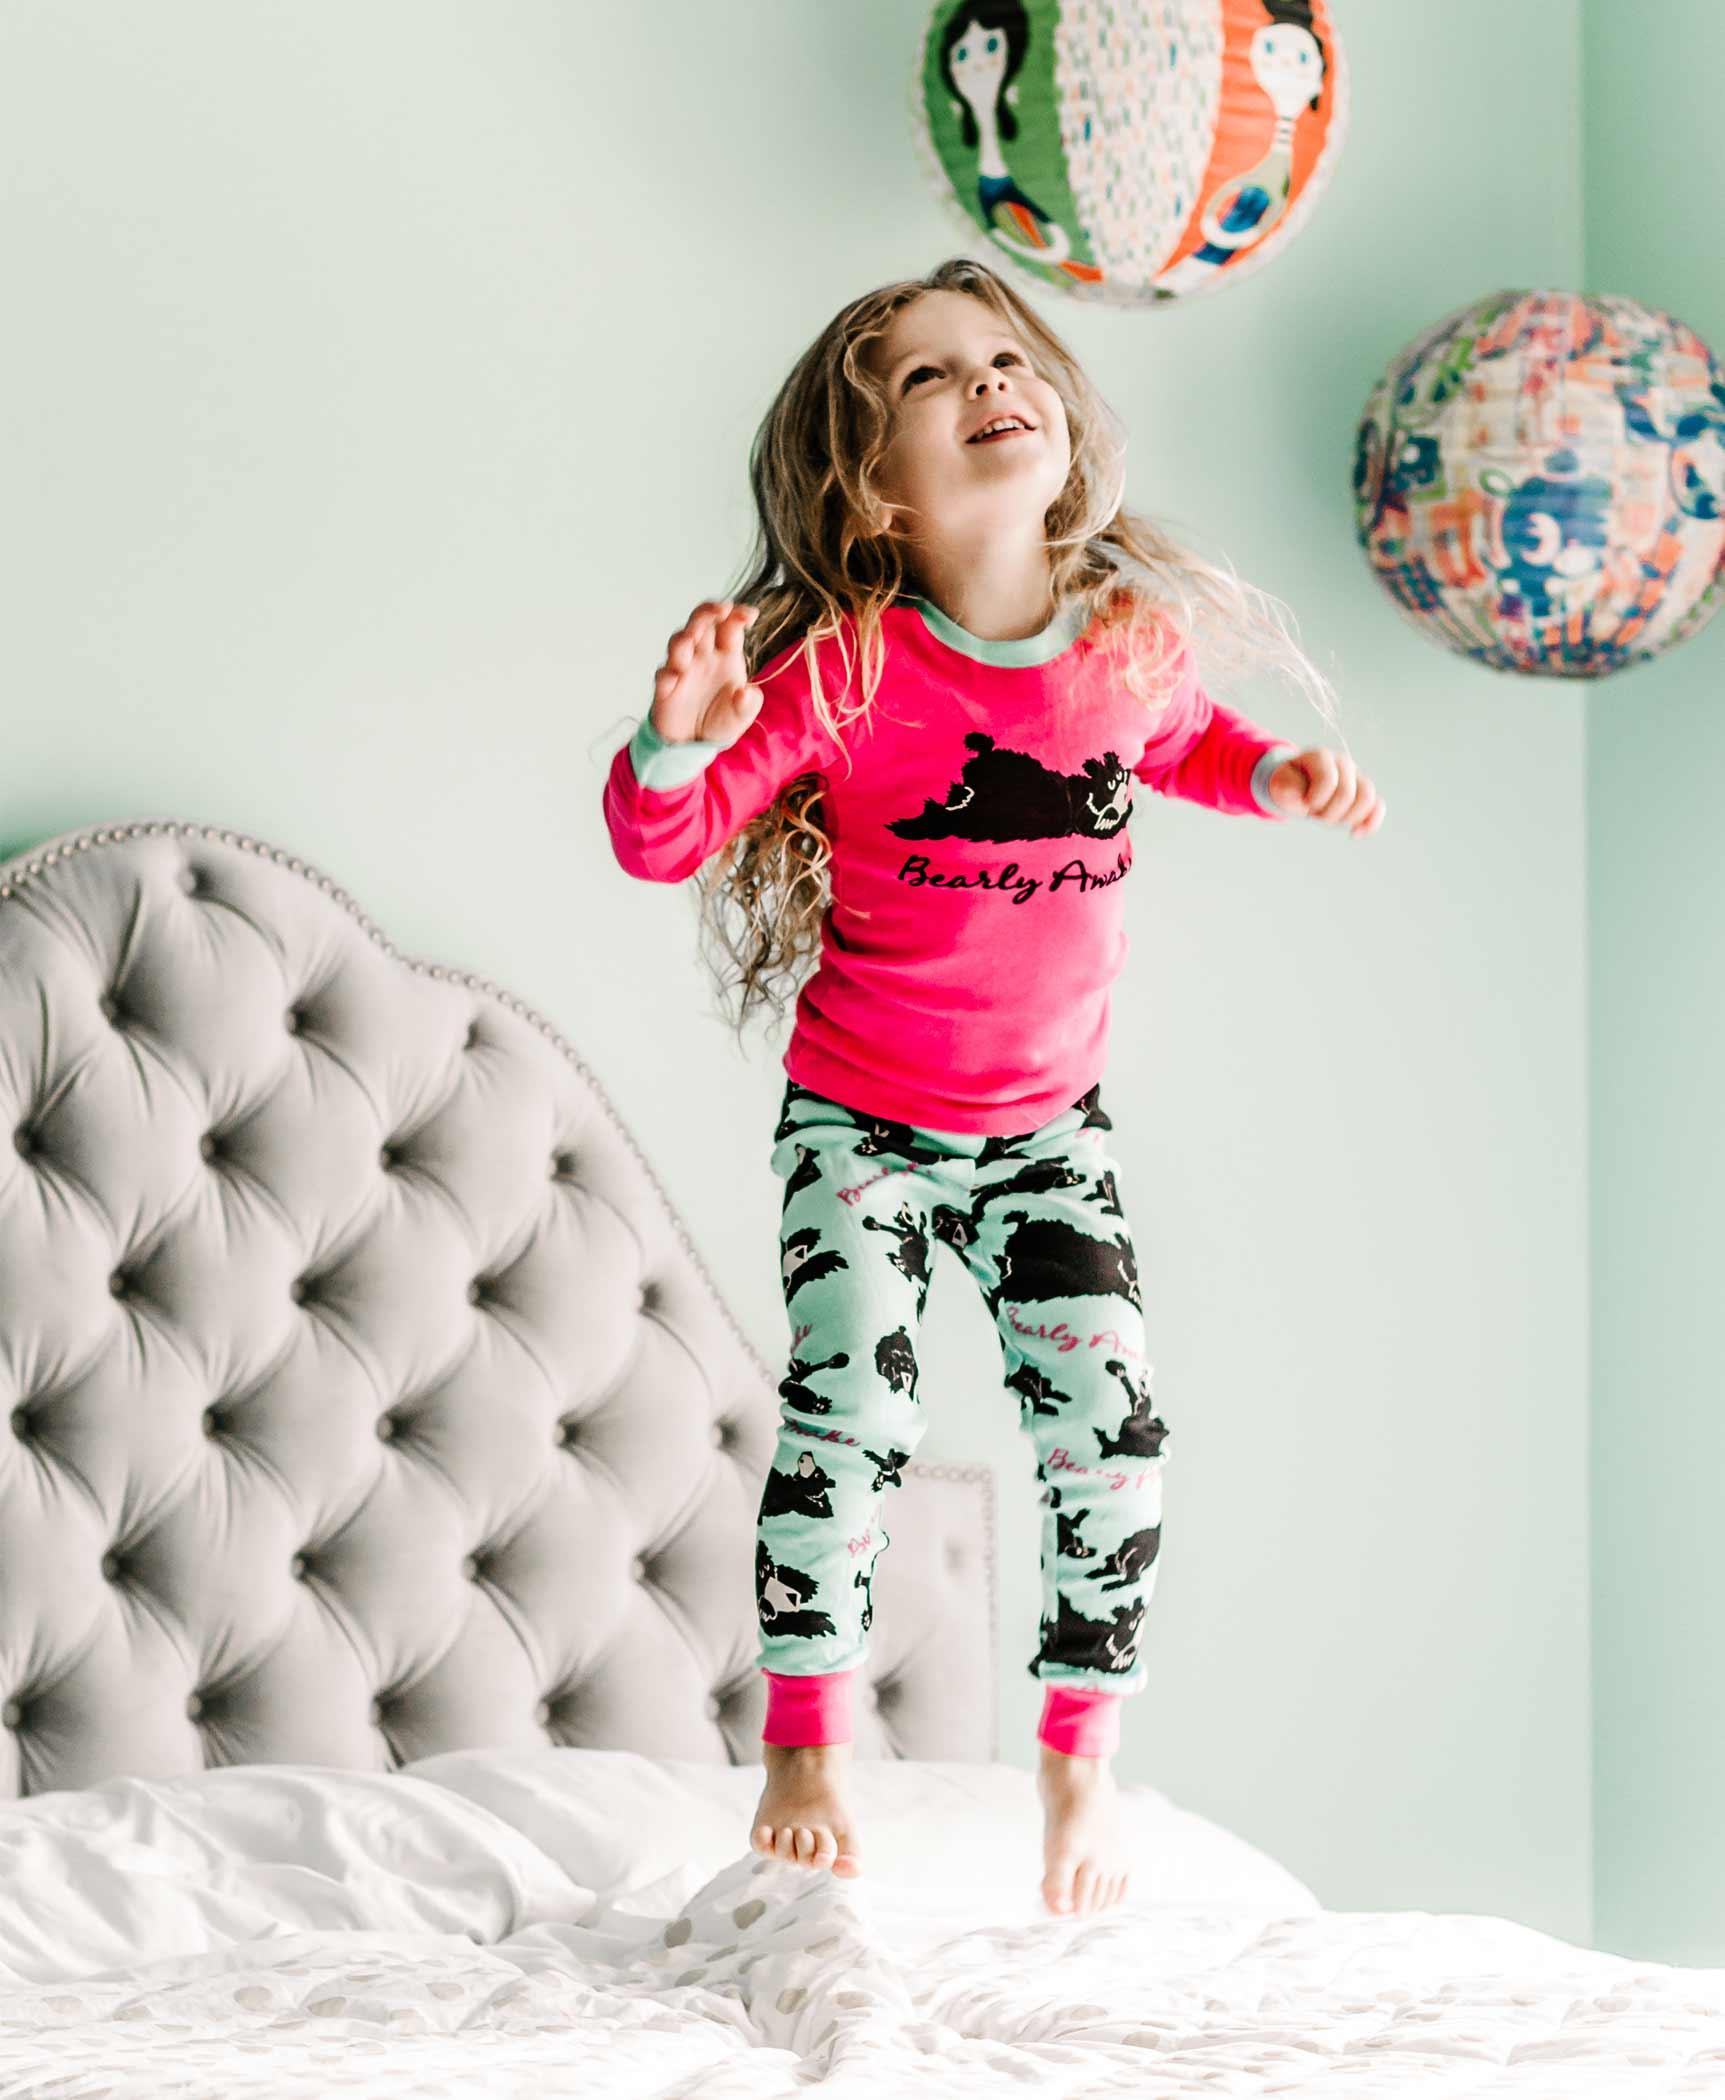 Lazy One Girls Toddlers Bearly Awake Cotton Pajamas Snug Fit Jammies PJs